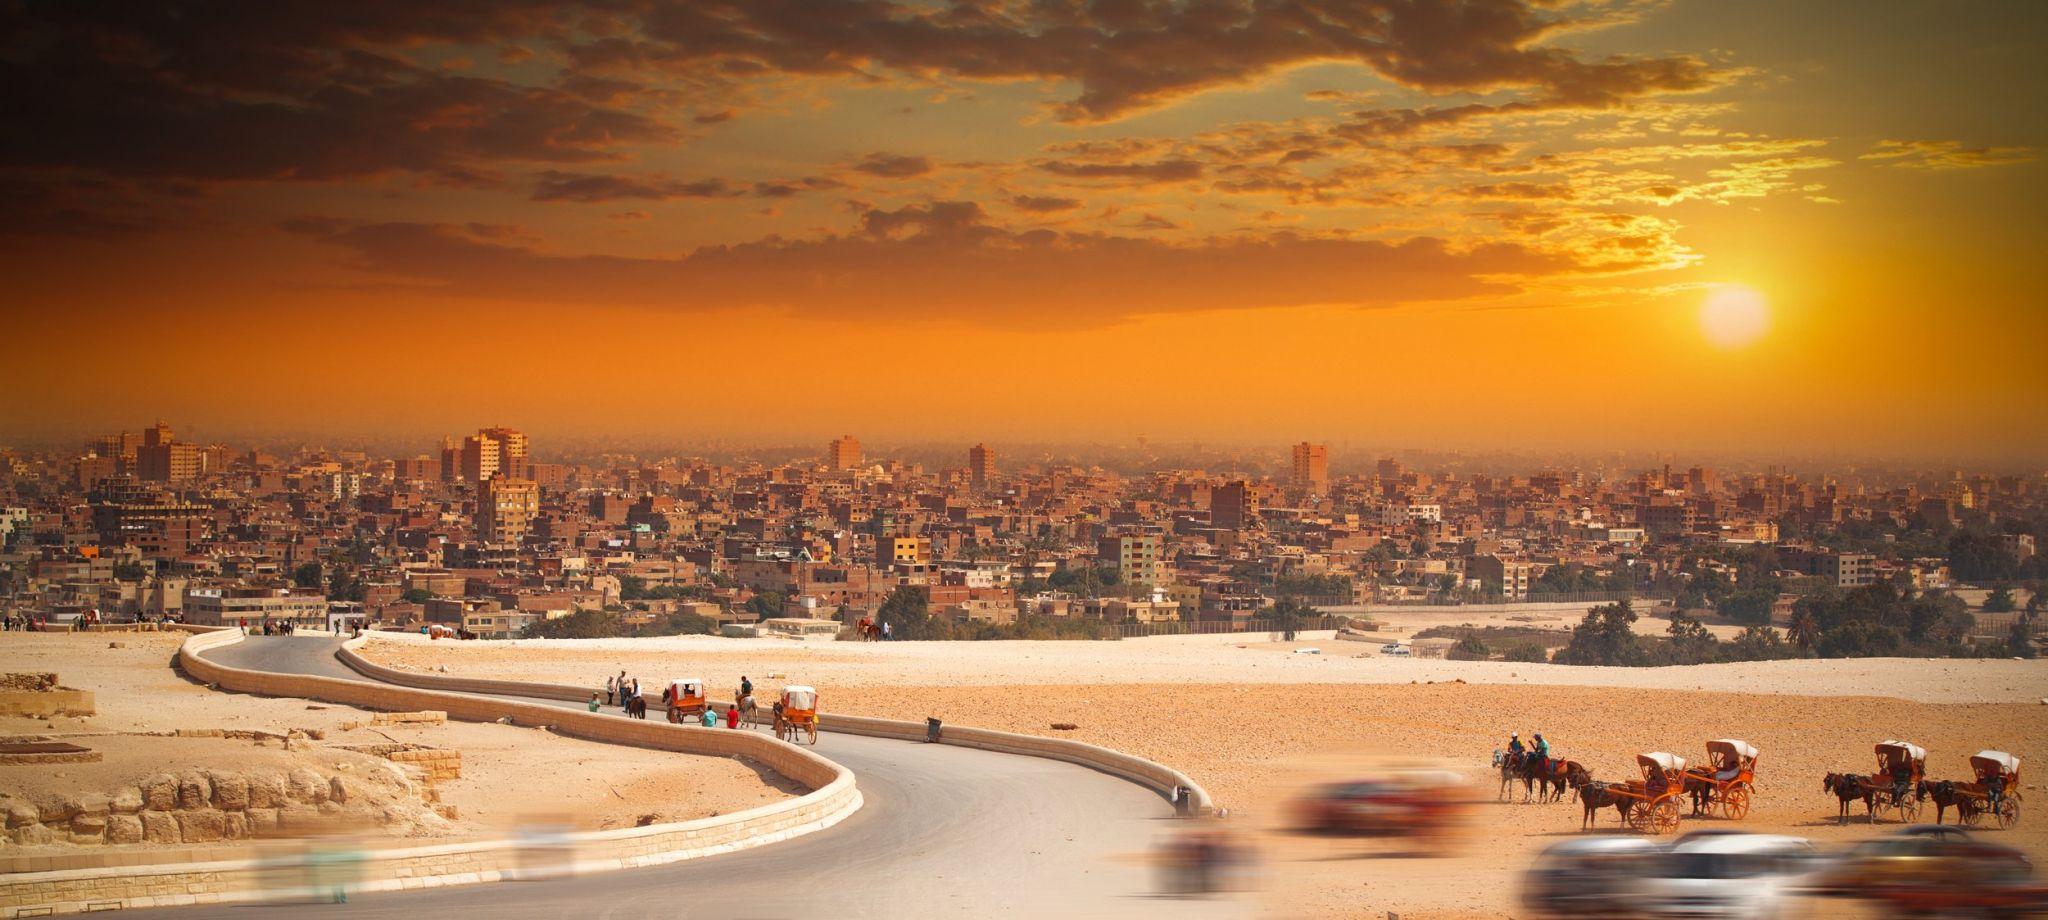 Káhira   Egypt   MAHALO.cz